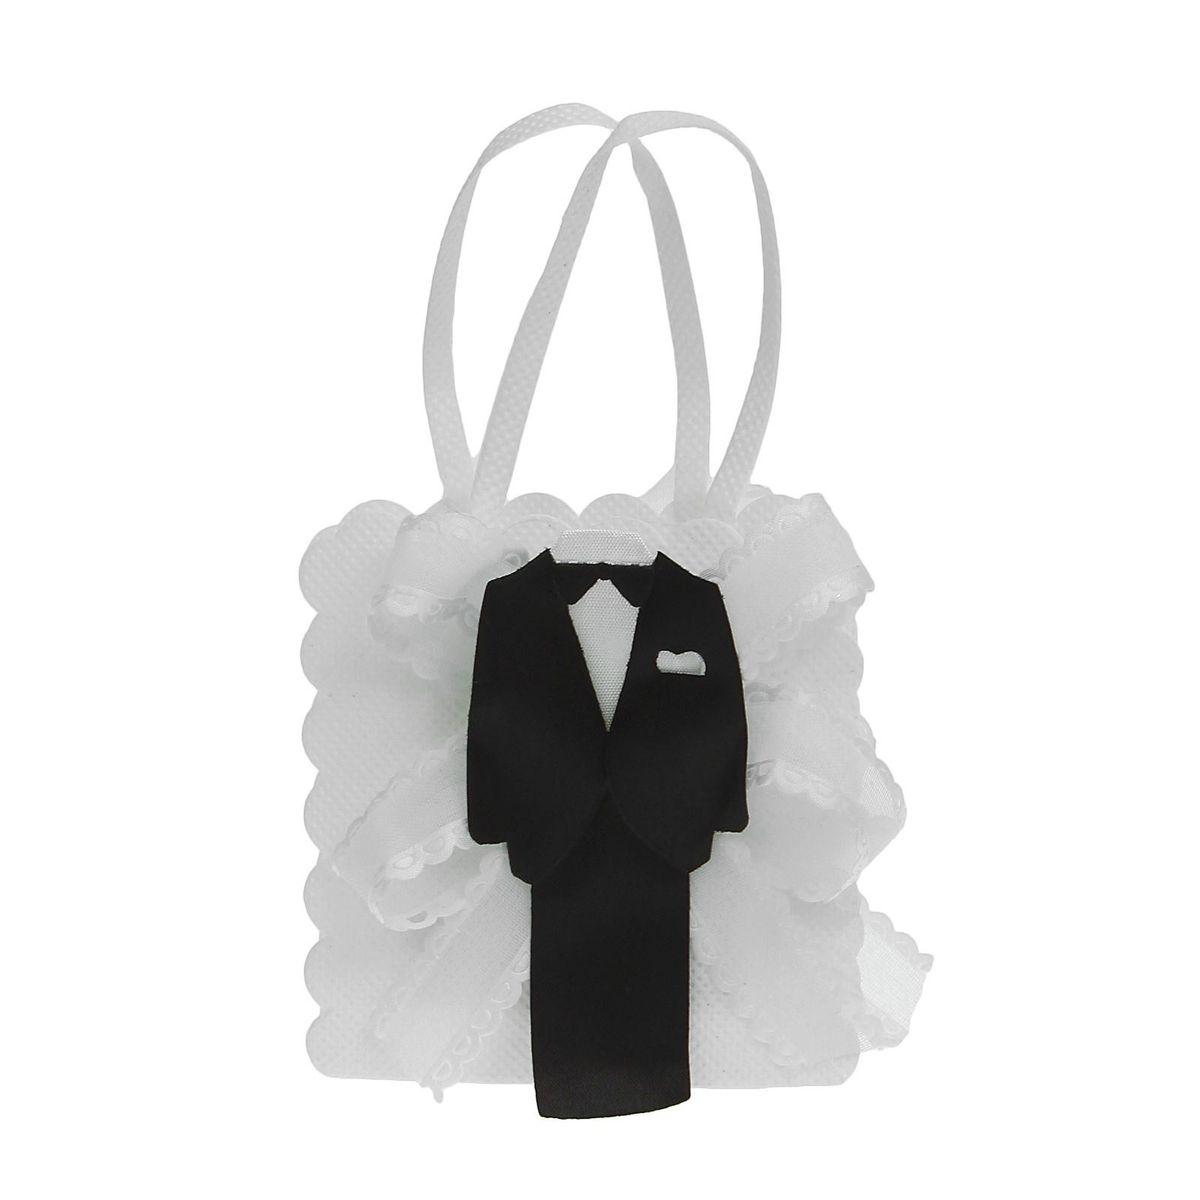 Бонбоньерка Sima-land Жених и невеста, цвет: белый, 3 x 7,5 x 8,5 см09840-20.000.00Свадебные аксессуары - это финальный аккорд в оформлении праздника. Бонбоньерка Жених и невеста - атрибут, который поможет в создании стиля помещения, общей цветовой гаммы и усилит впечатления от главного дня в жизни любой пары. Изящный аксессуар придаст вашему торжеству зрелищности и яркости, создав нужное настроение. В яркую сумочку вы сможете упаковать сладкое угощение для своих гостей, например конфетки. Этот сувенир станет приятным сюрпризом для дорогих сердцу людей, символом вашей благодарности и заботы о них.